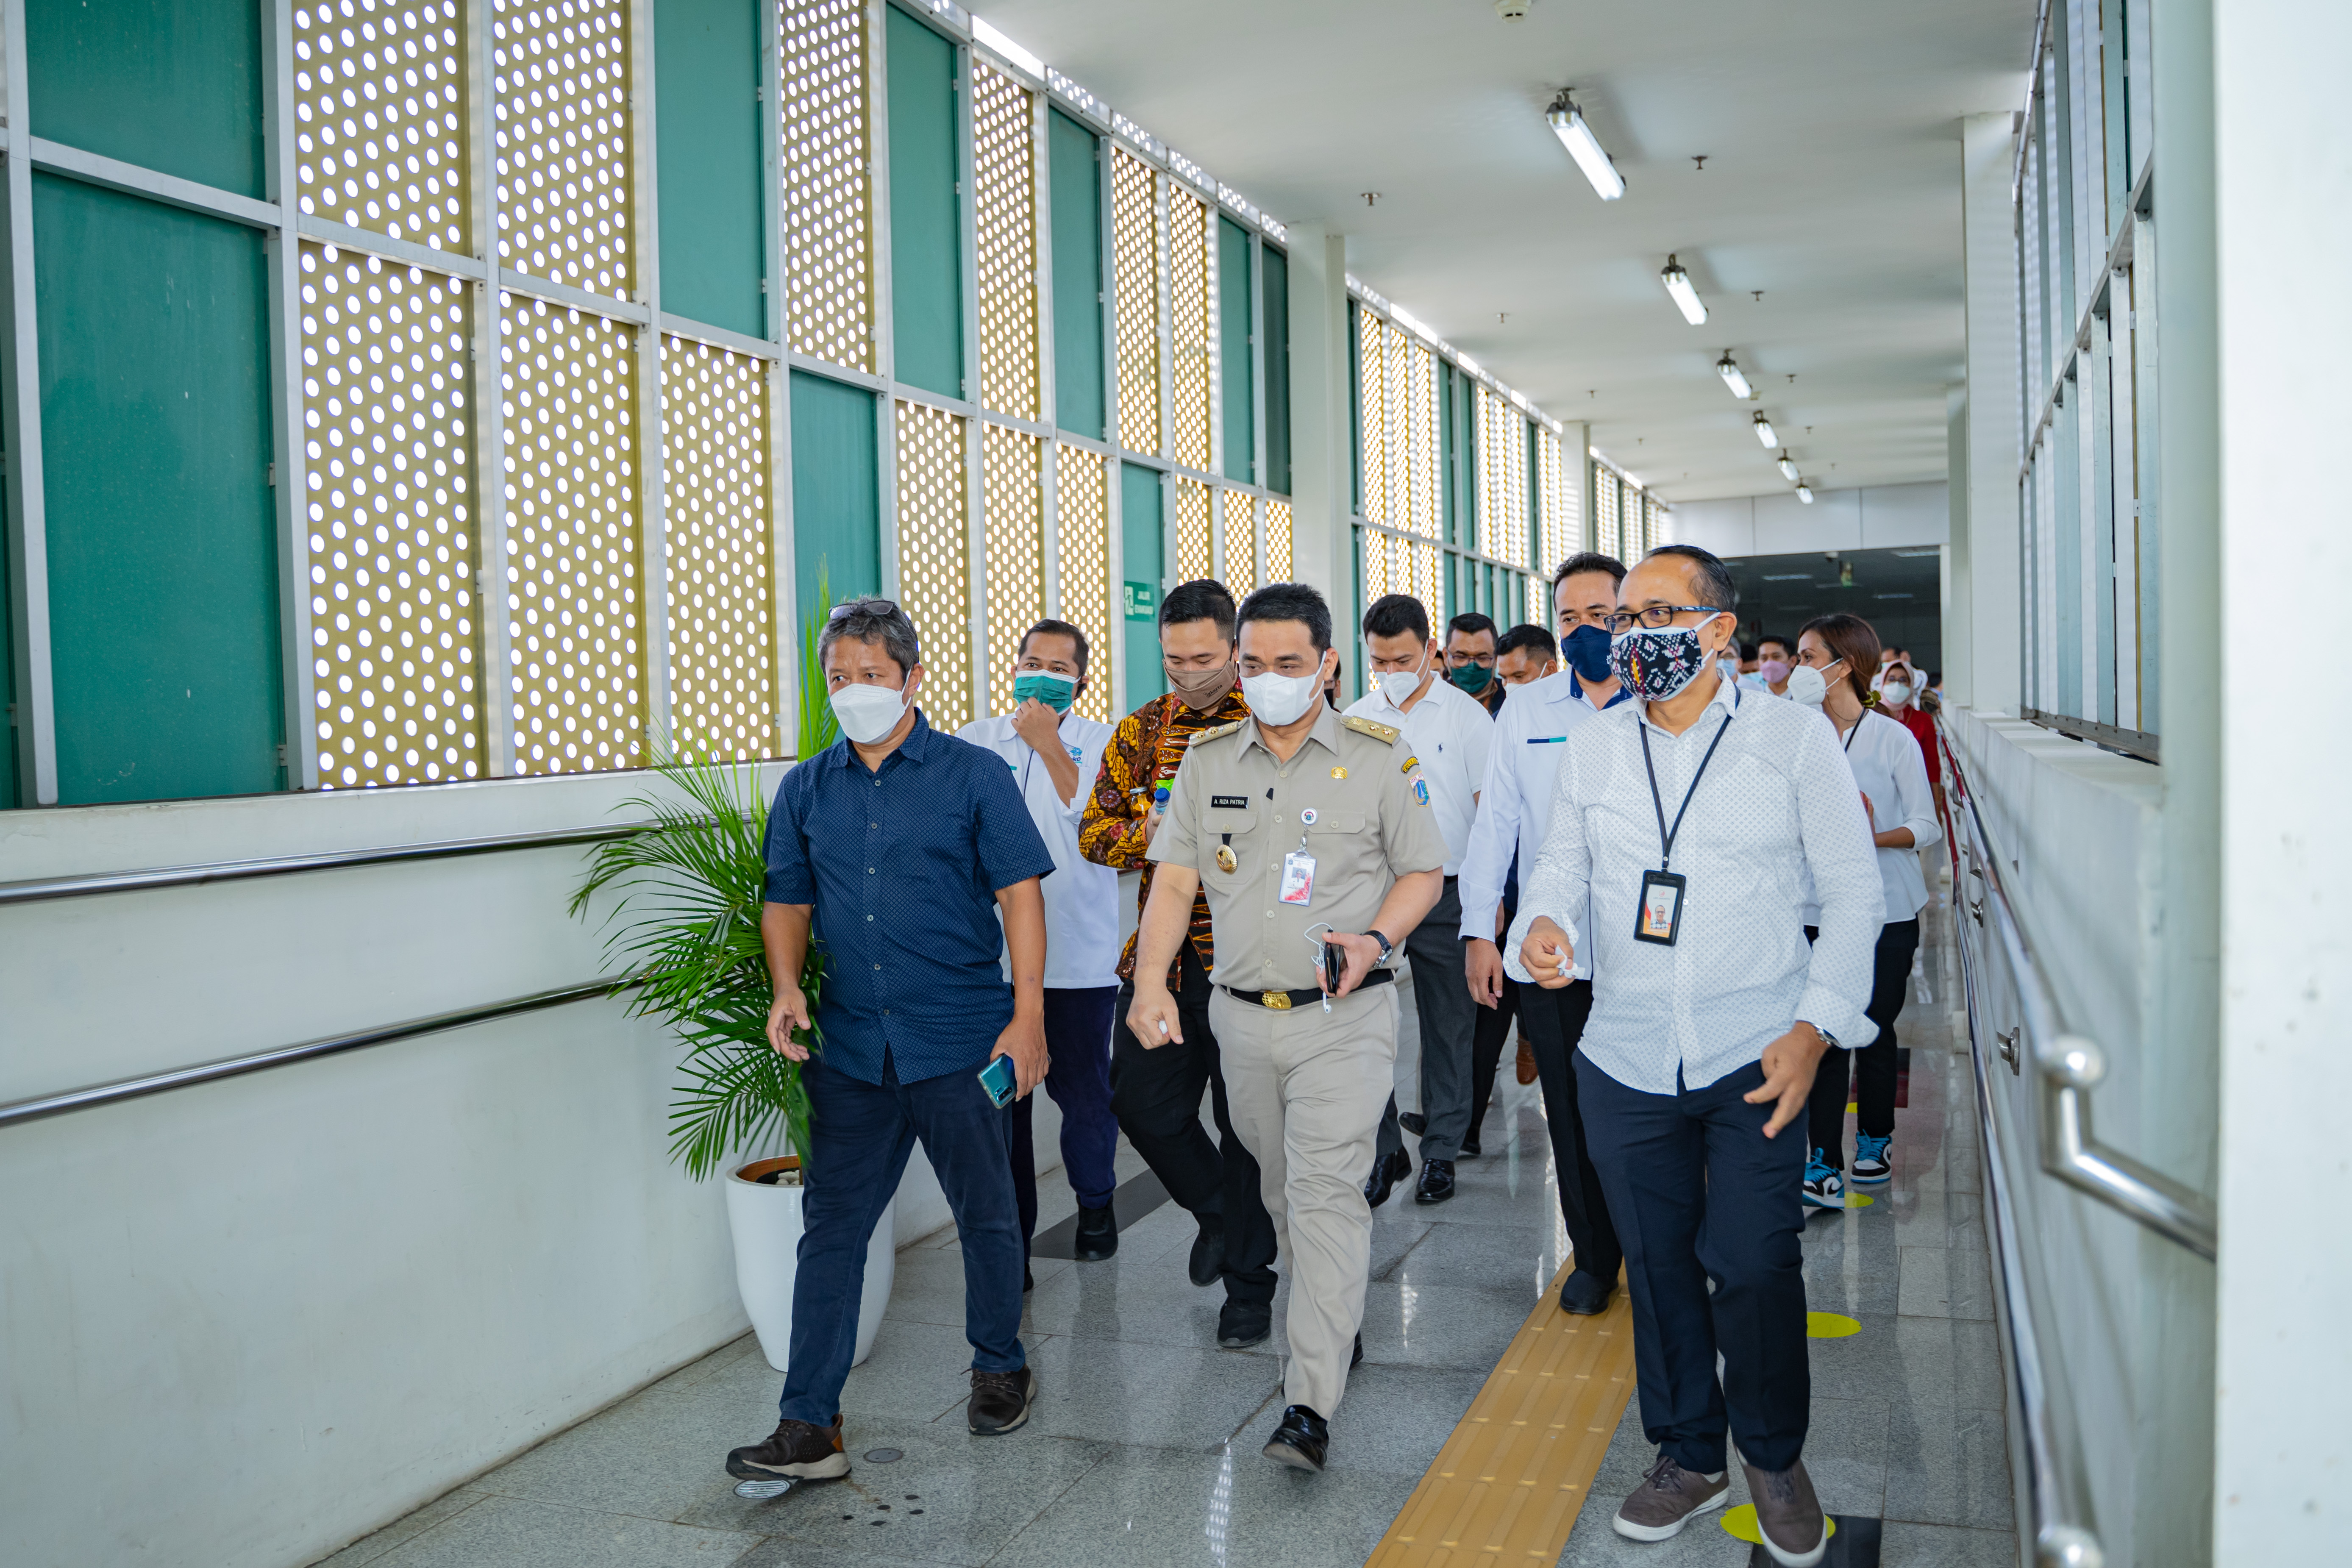 JakLingko Targetkan Tarif bagi Pengguna Transportasi Umum pada Maret 2022